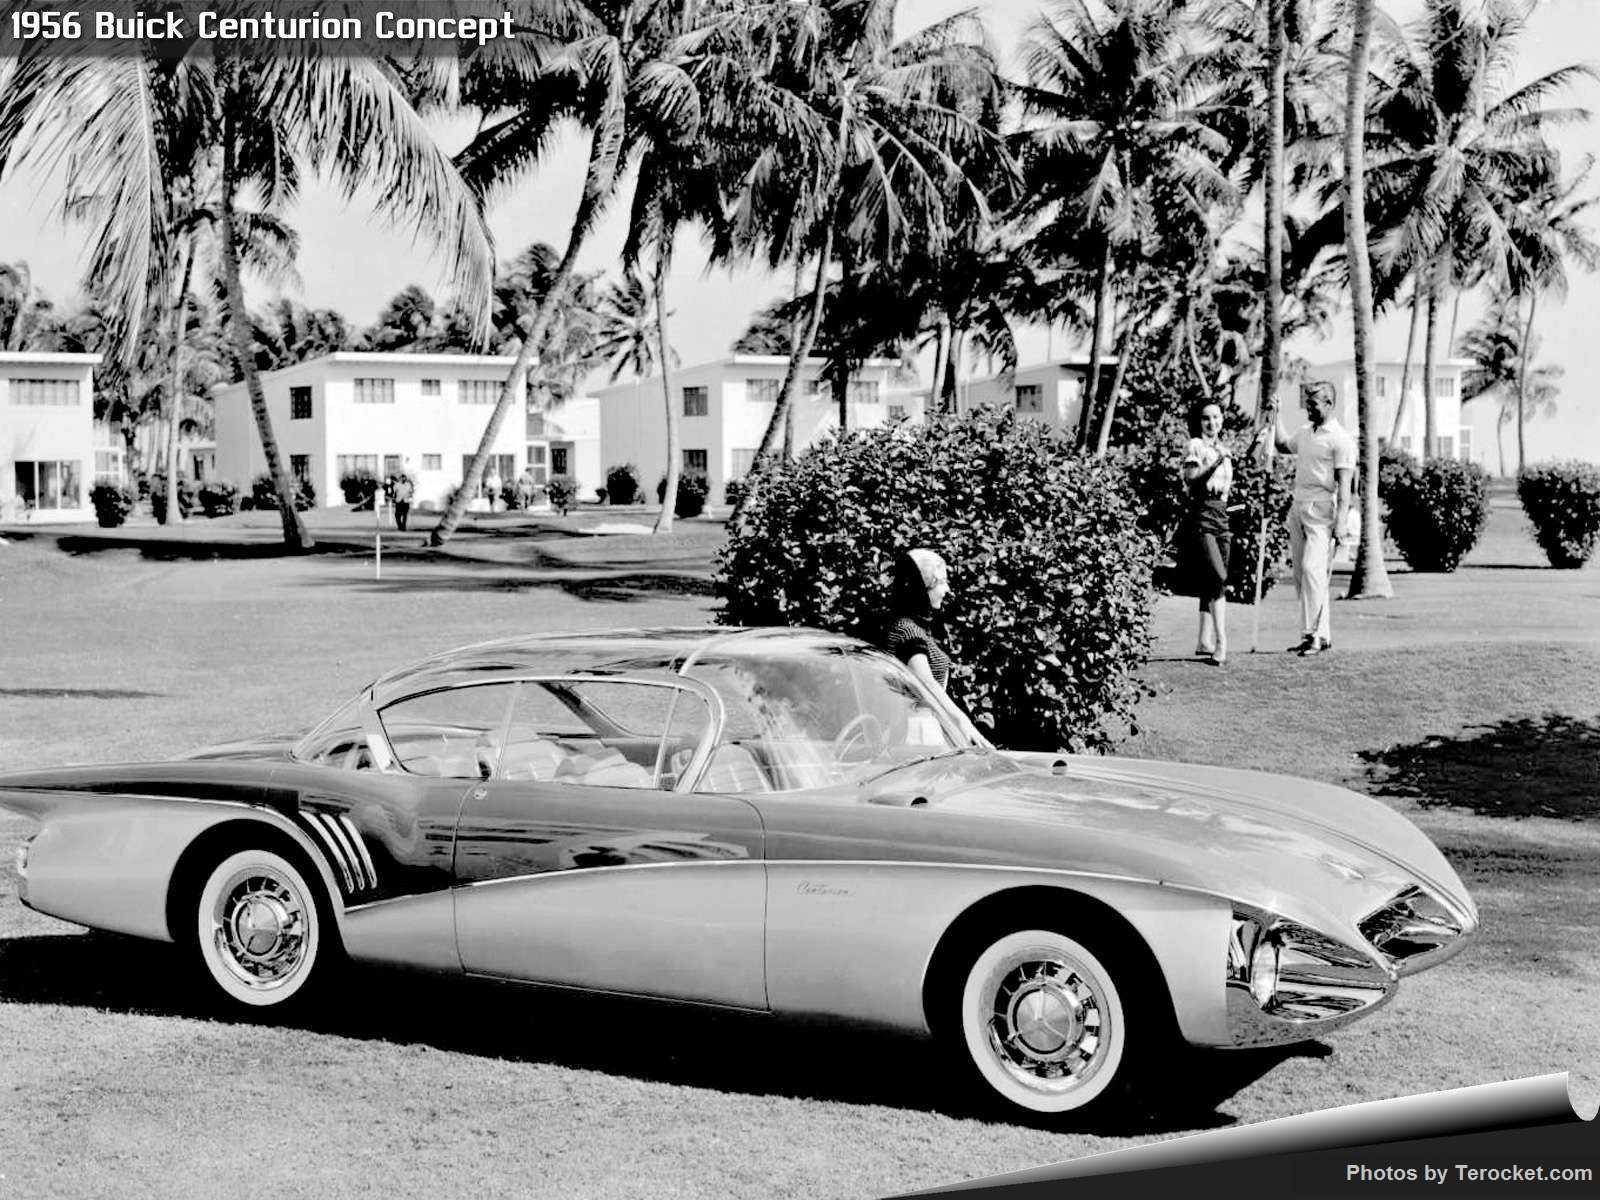 Hình ảnh xe ô tô Buick Centurion Concept 1956 & nội ngoại thất